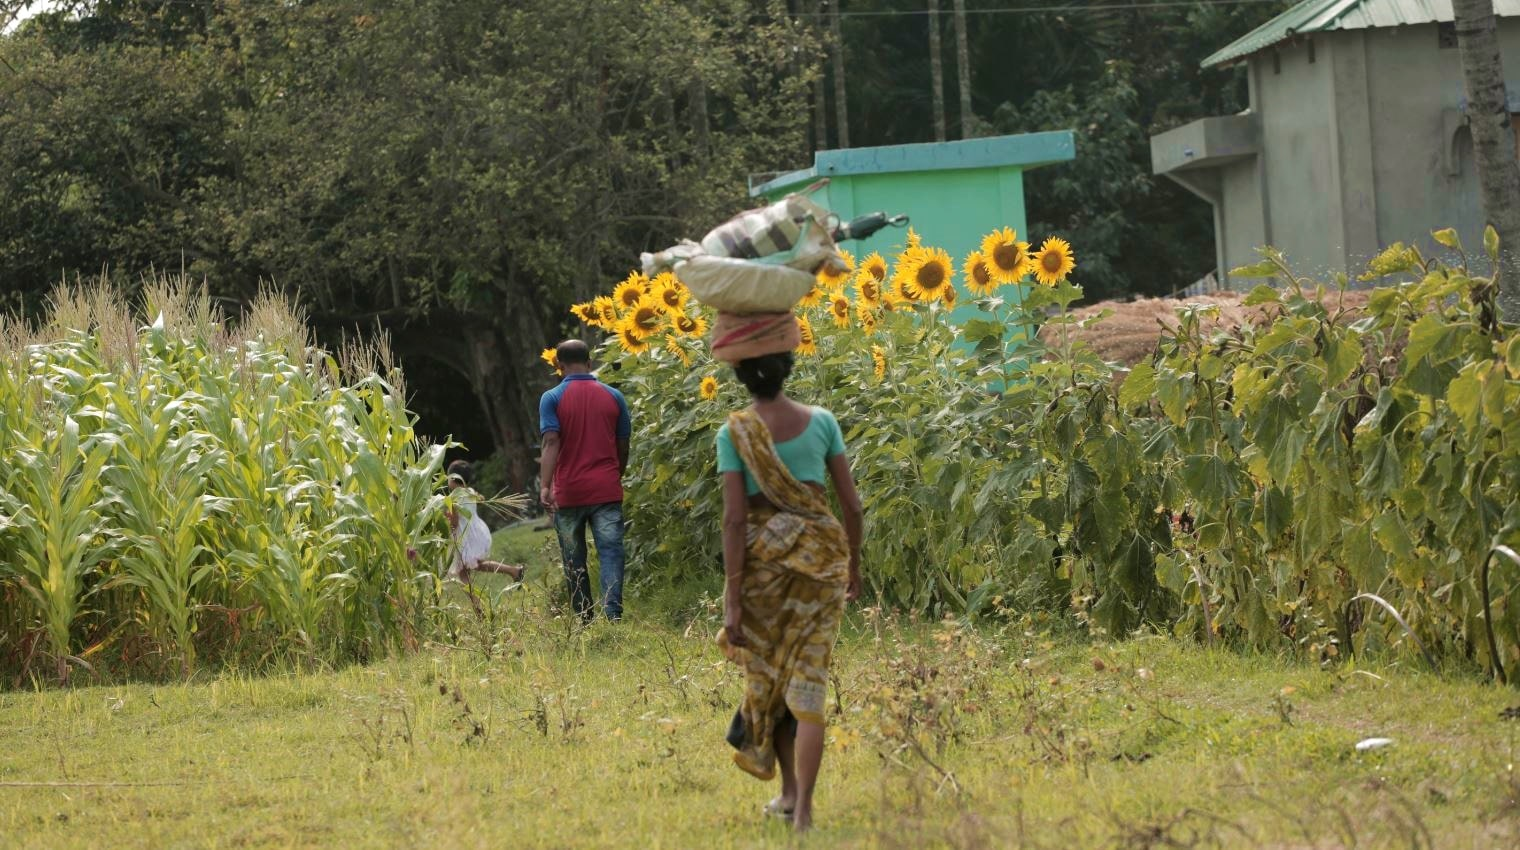 A Village Day